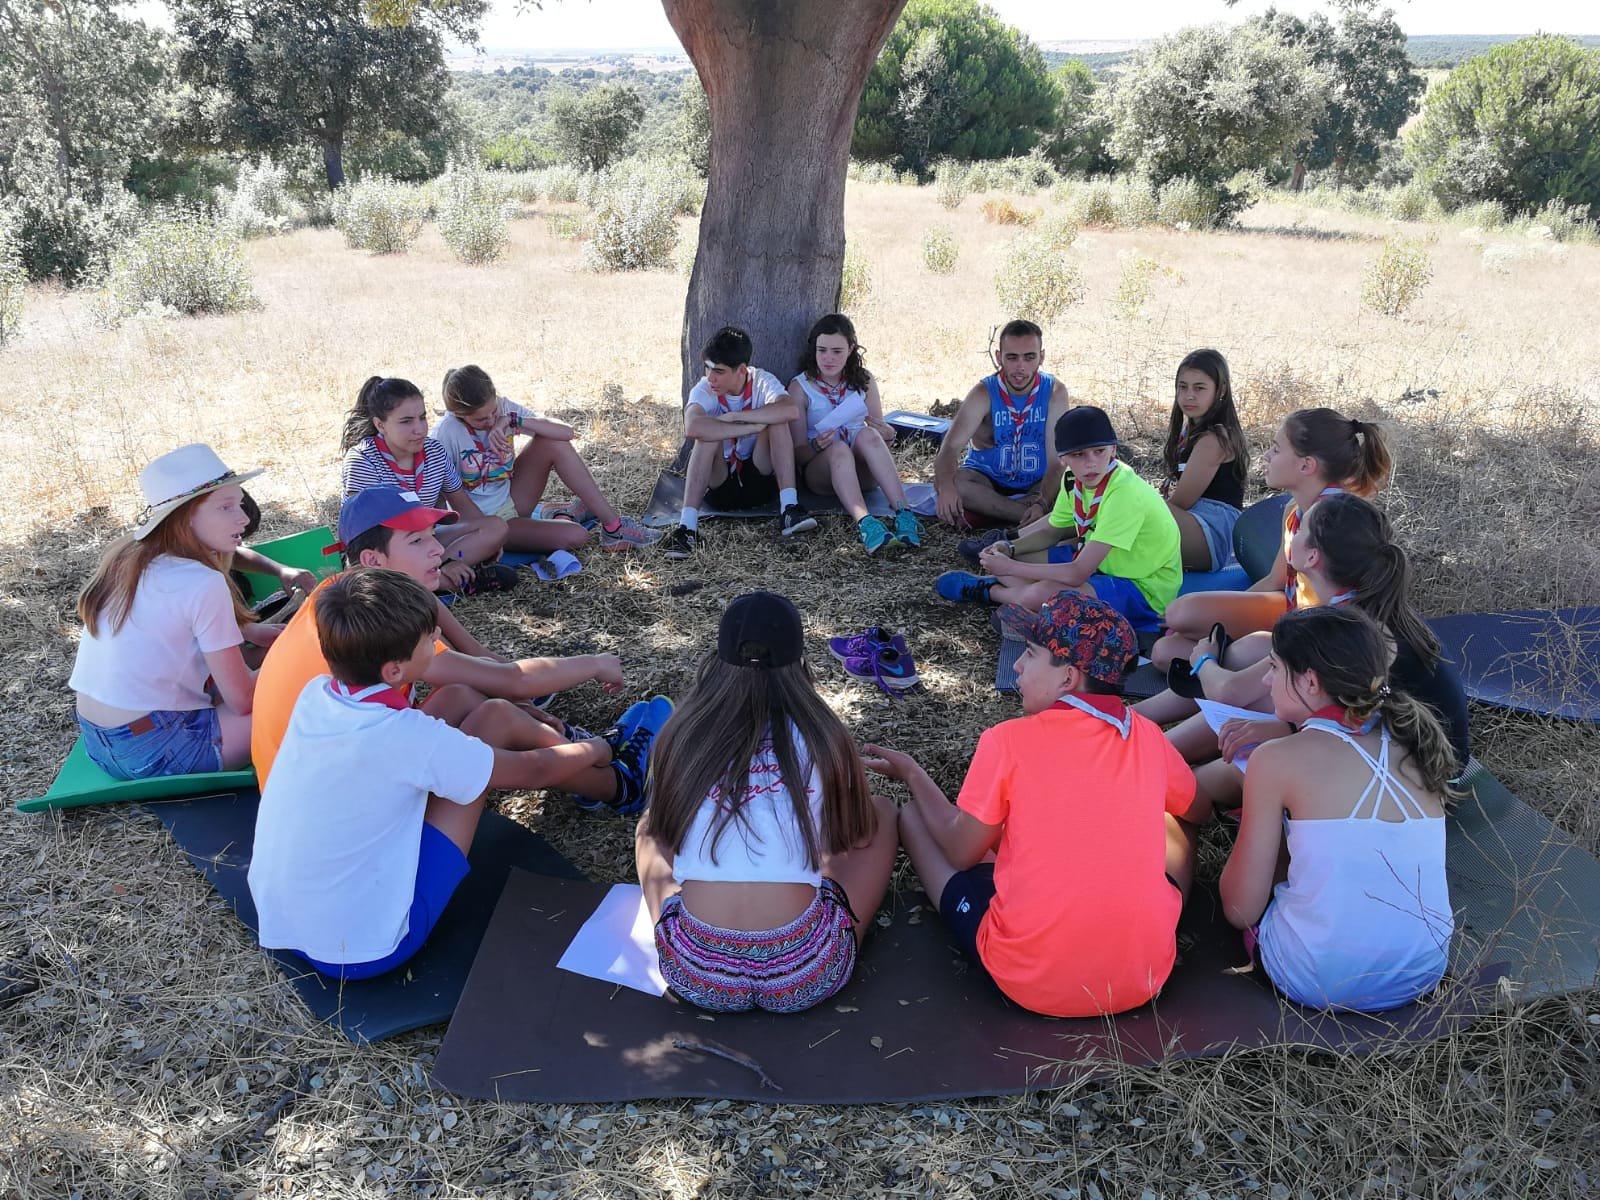 Grupo de niños realizando actividades en un campamento. | Imagen: Flickr